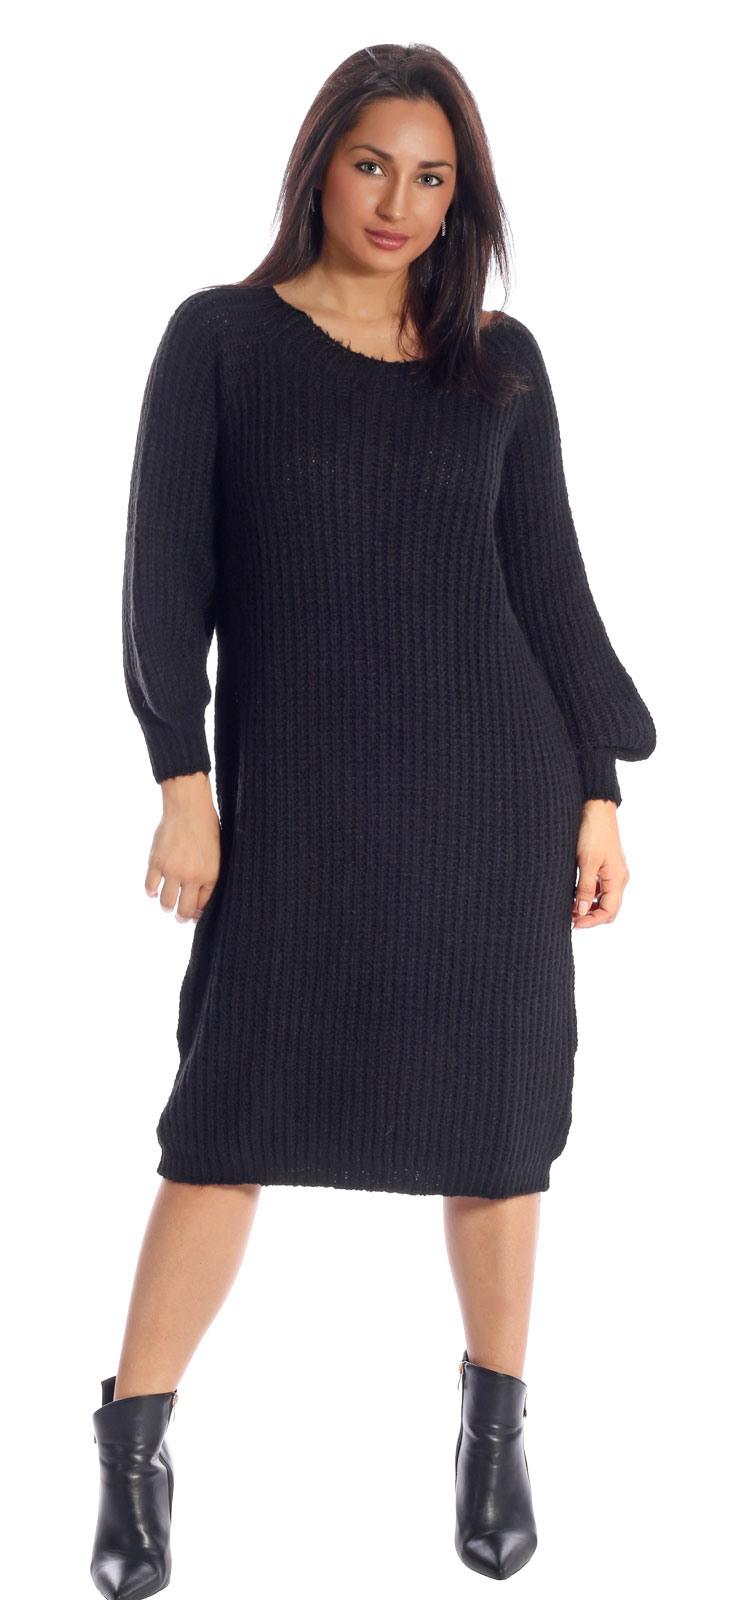 Strickkleid Pulloverkleid Langarm Mit Rundhalsausschnitt